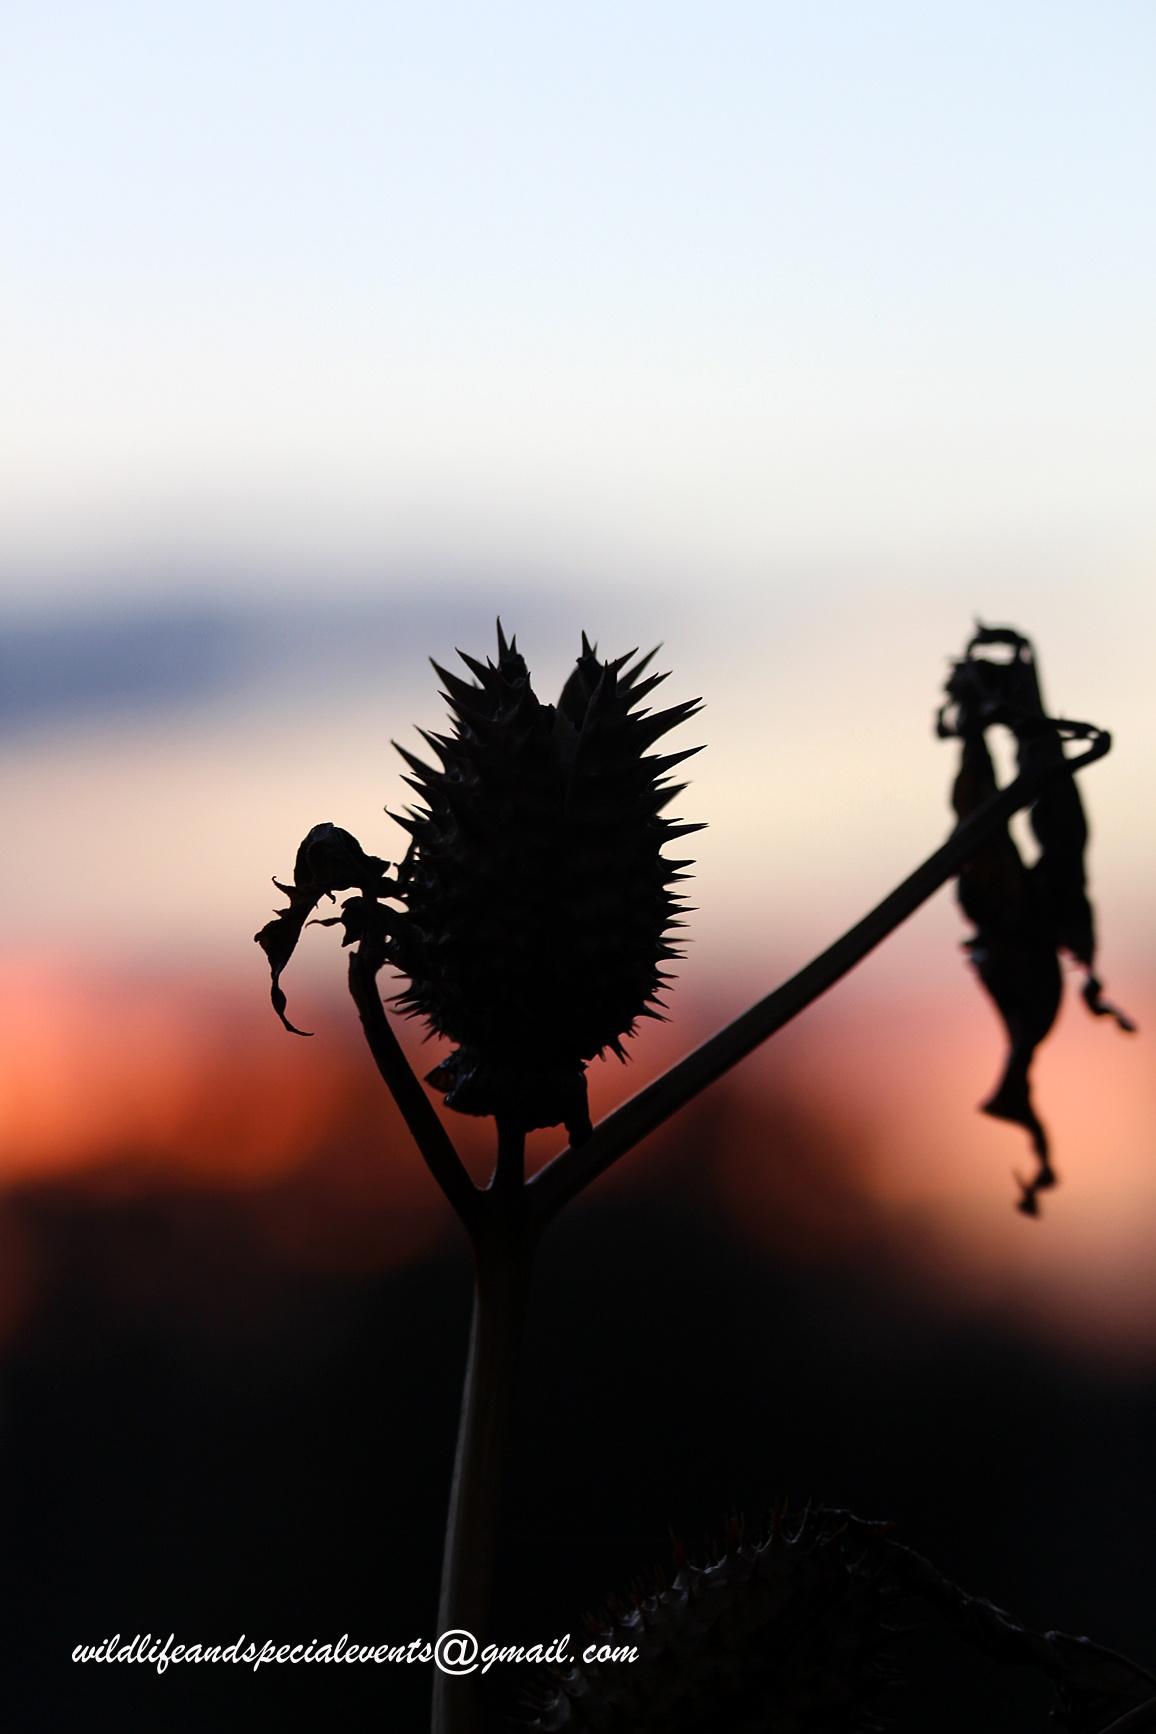 Seeds at Sunrise by oosie